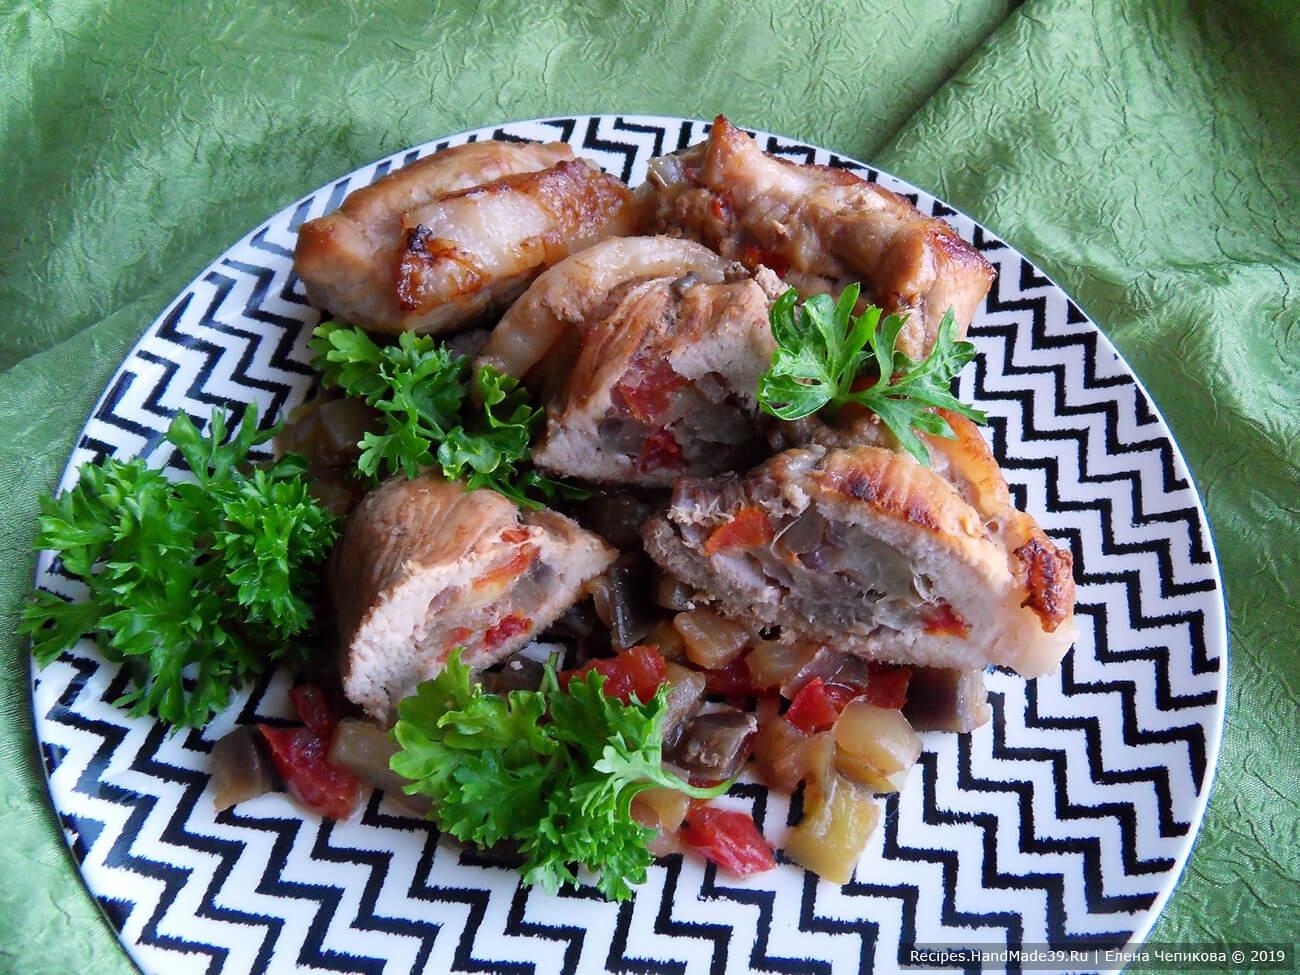 Перед подачей «кармашки» из свинины освободить от ниток, подавать вместе с овощной подушкой. Приятного аппетита!